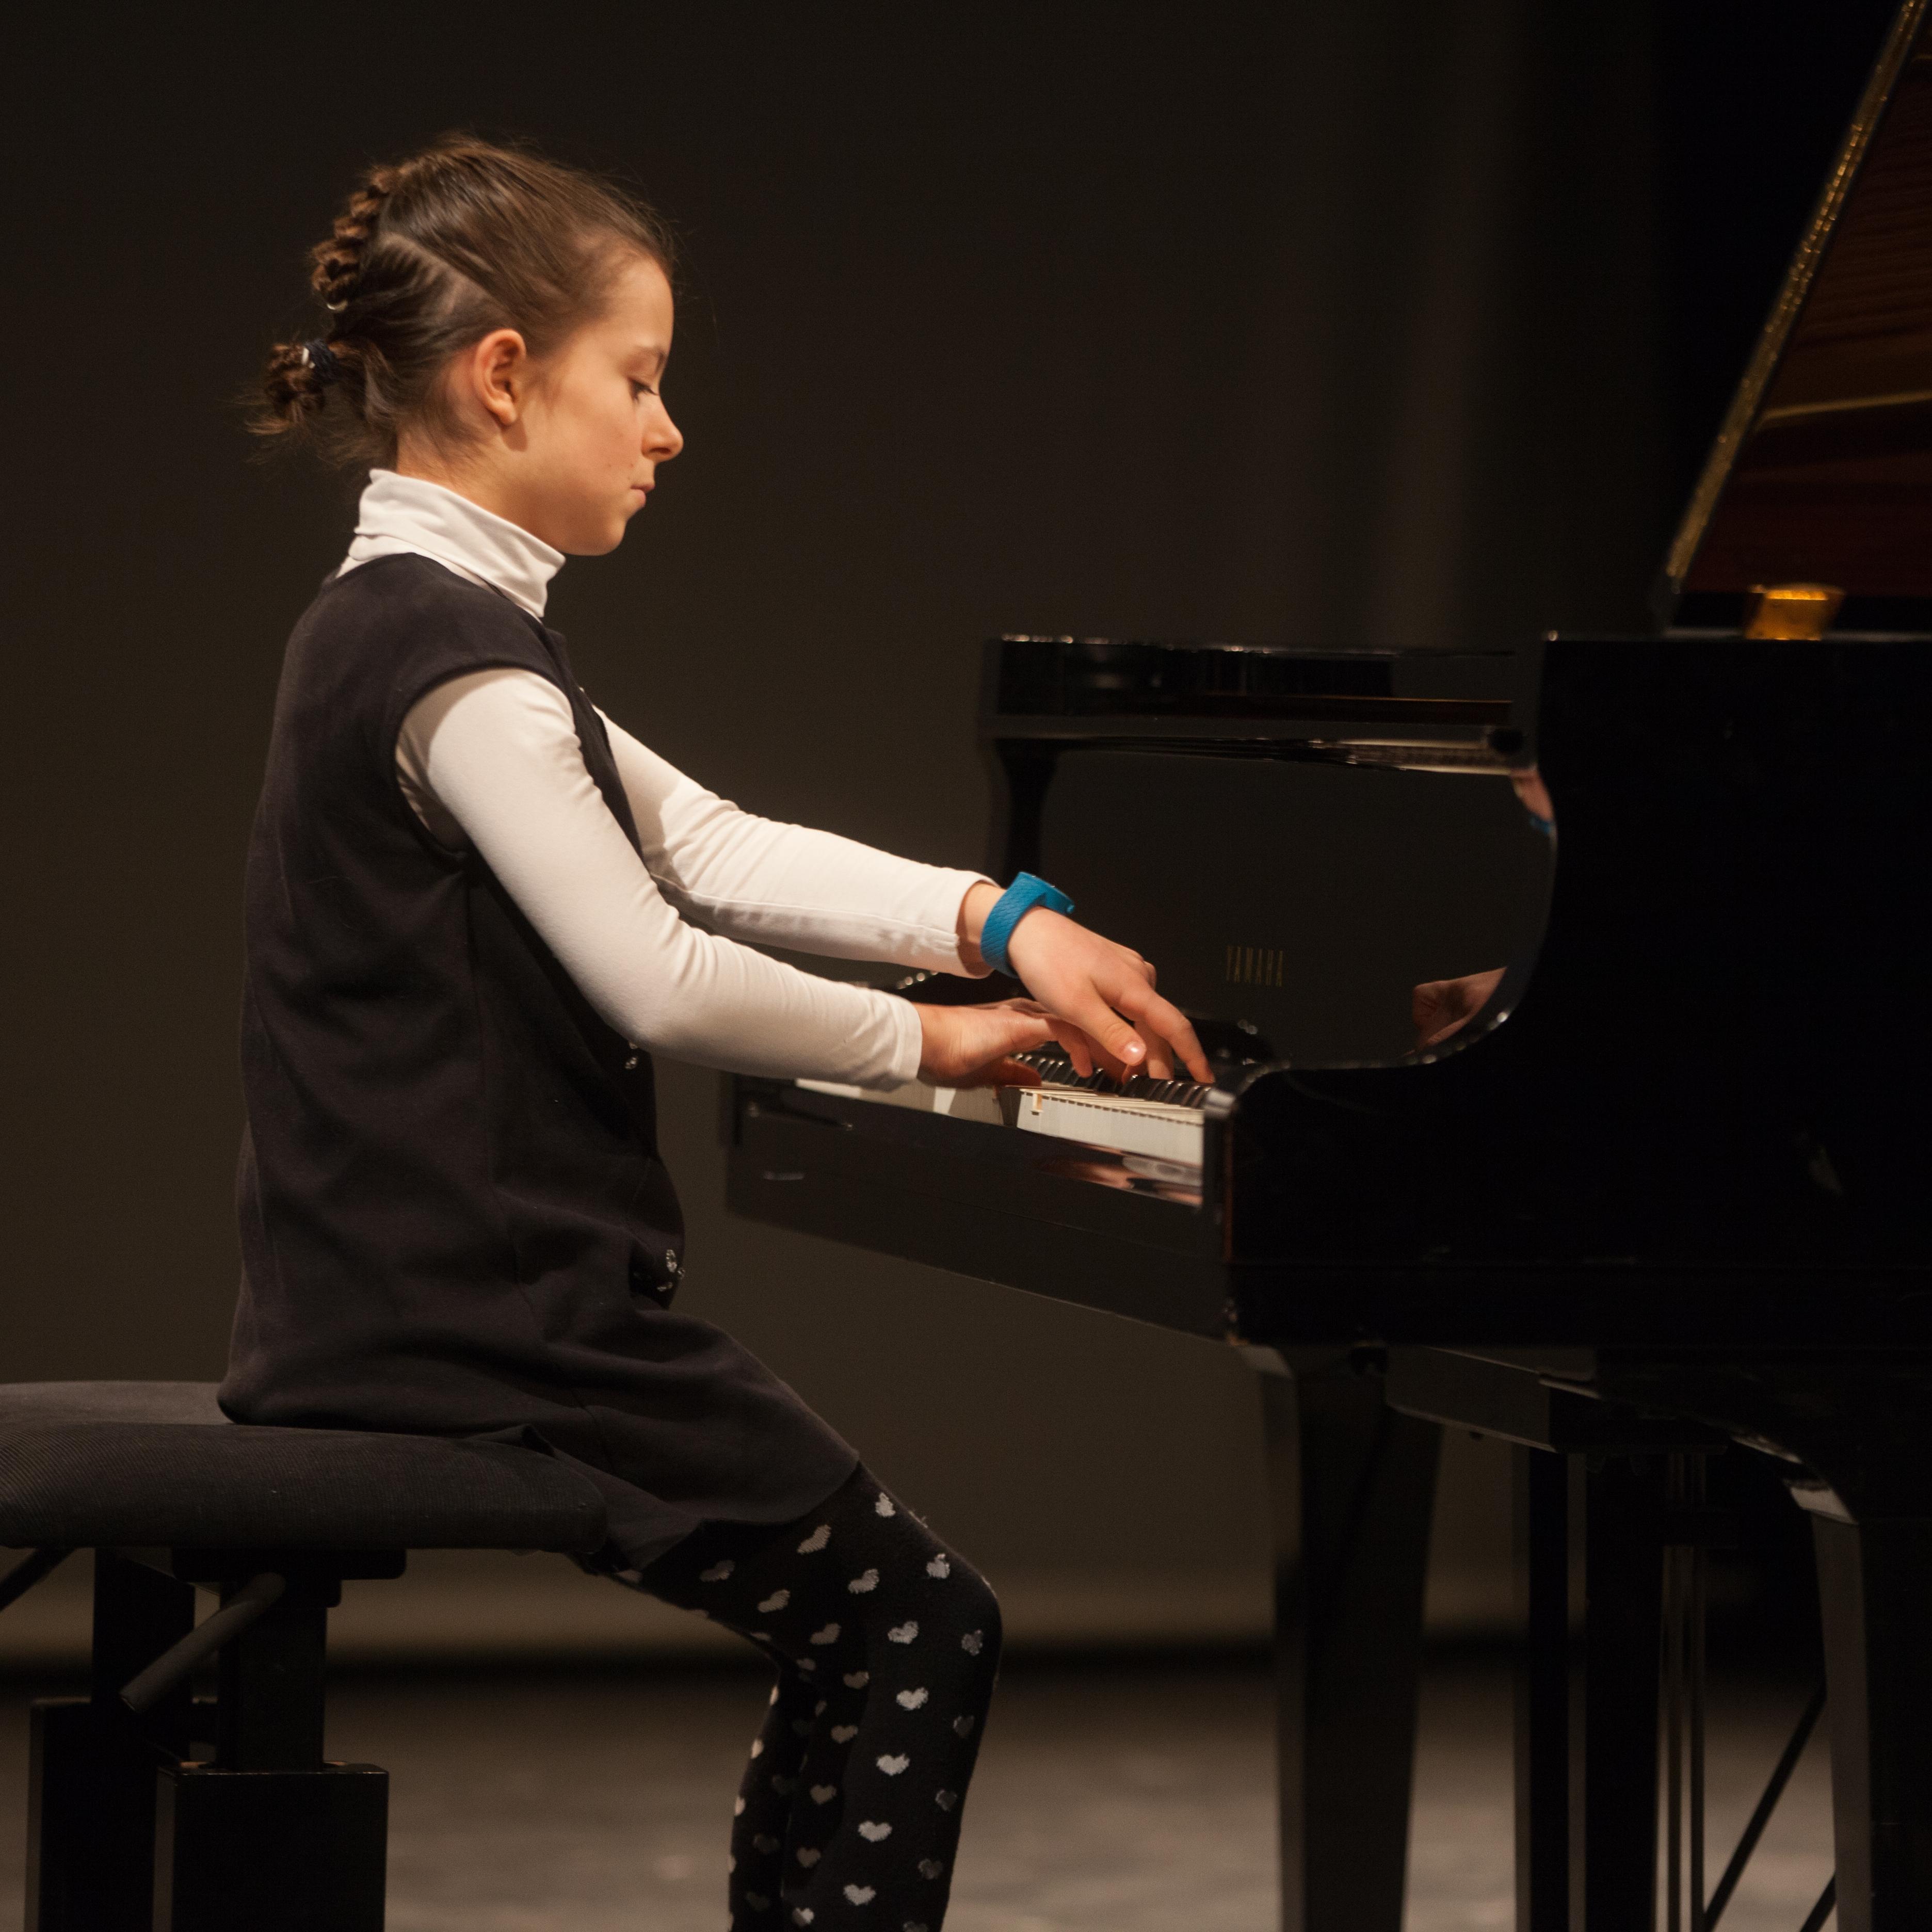 fotonemec_gsd_pianisti-6